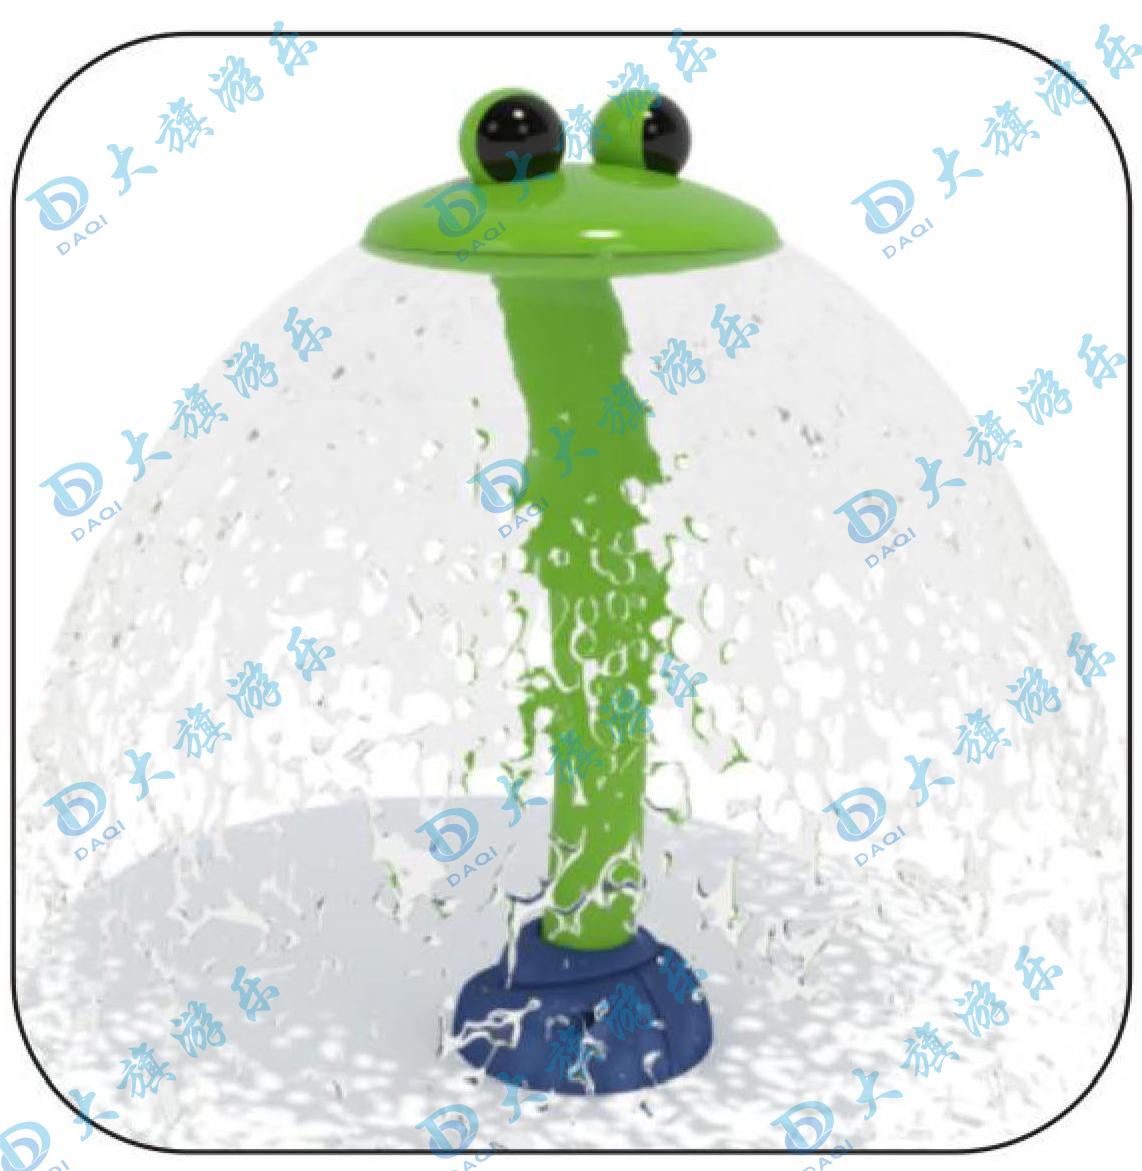 直立青蛙喷水